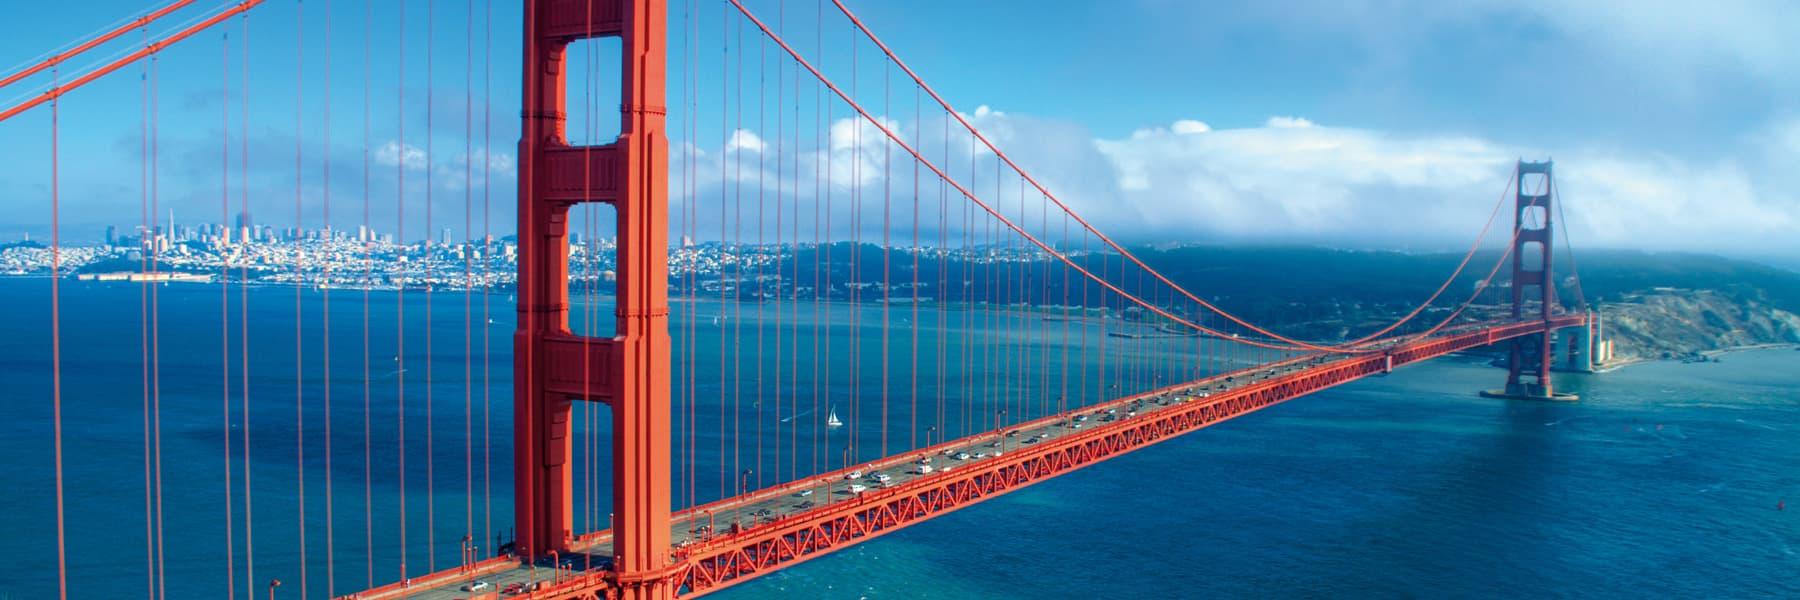 Séjour Immersion en famille aux États-Unis - Etat de Californie